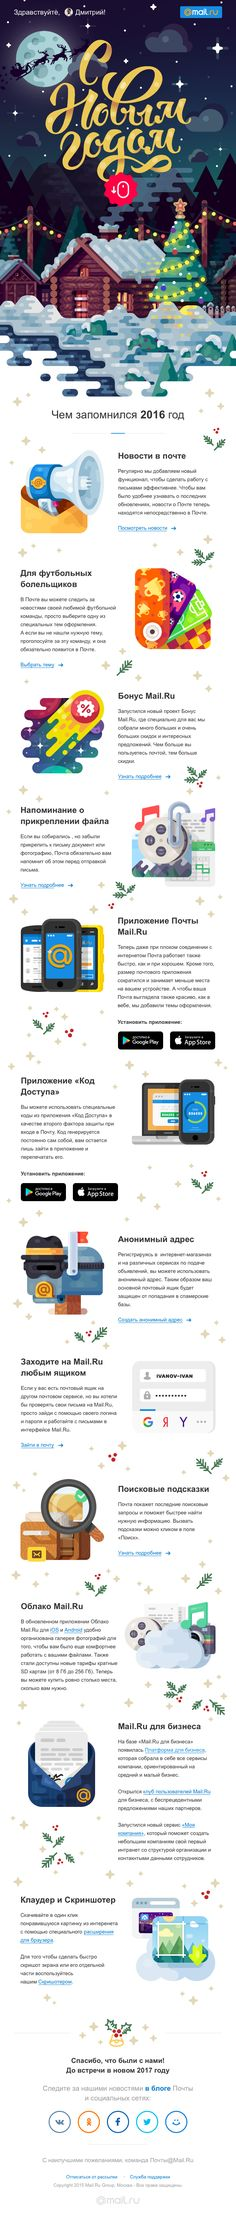 New Year 2017 Illustration / Evgeniy Dolgov for Mail.Ru